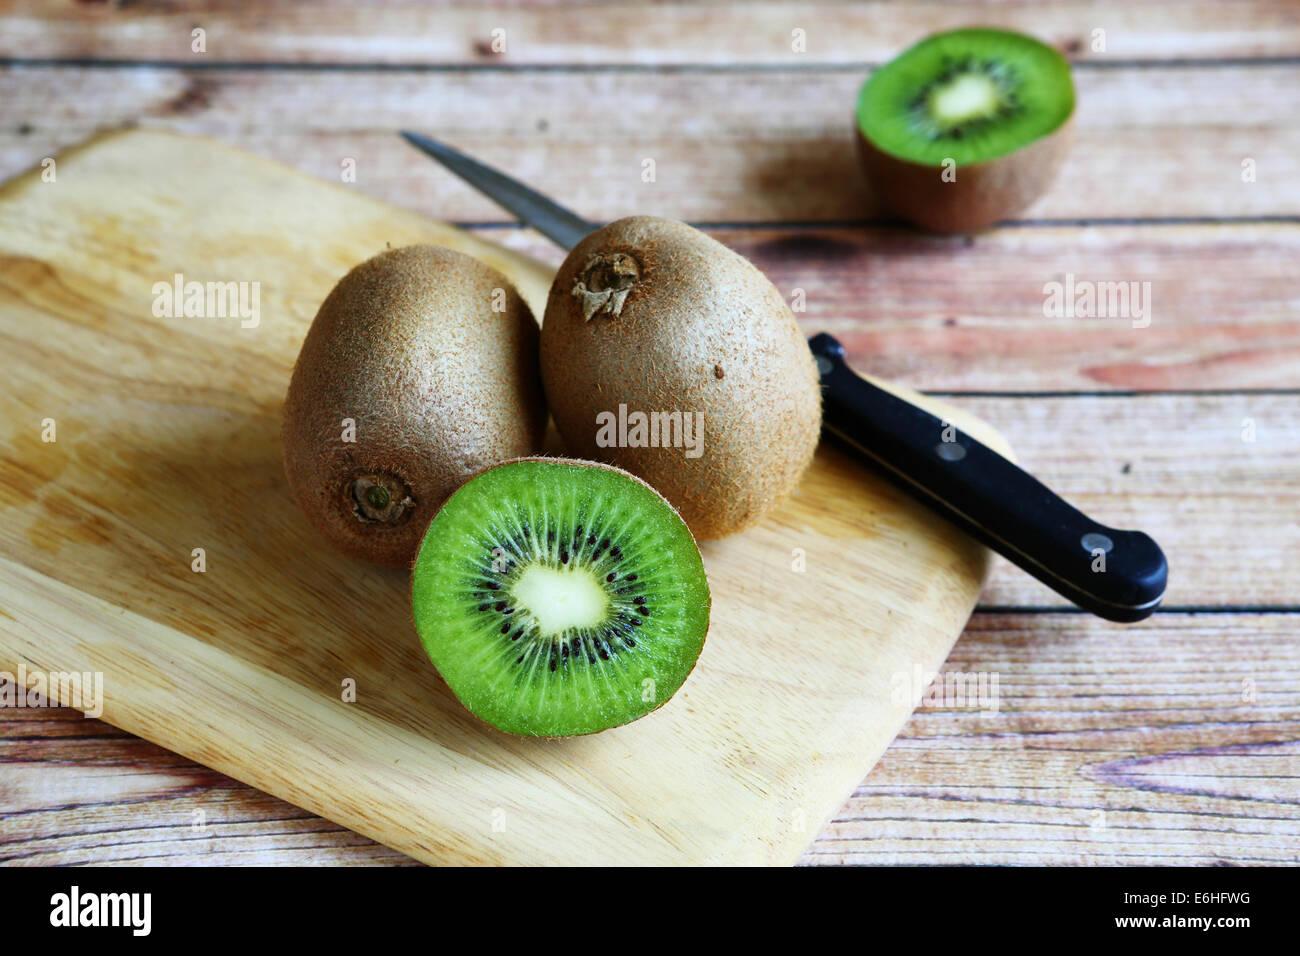 fresh kiwi on cutting board, food - Stock Image